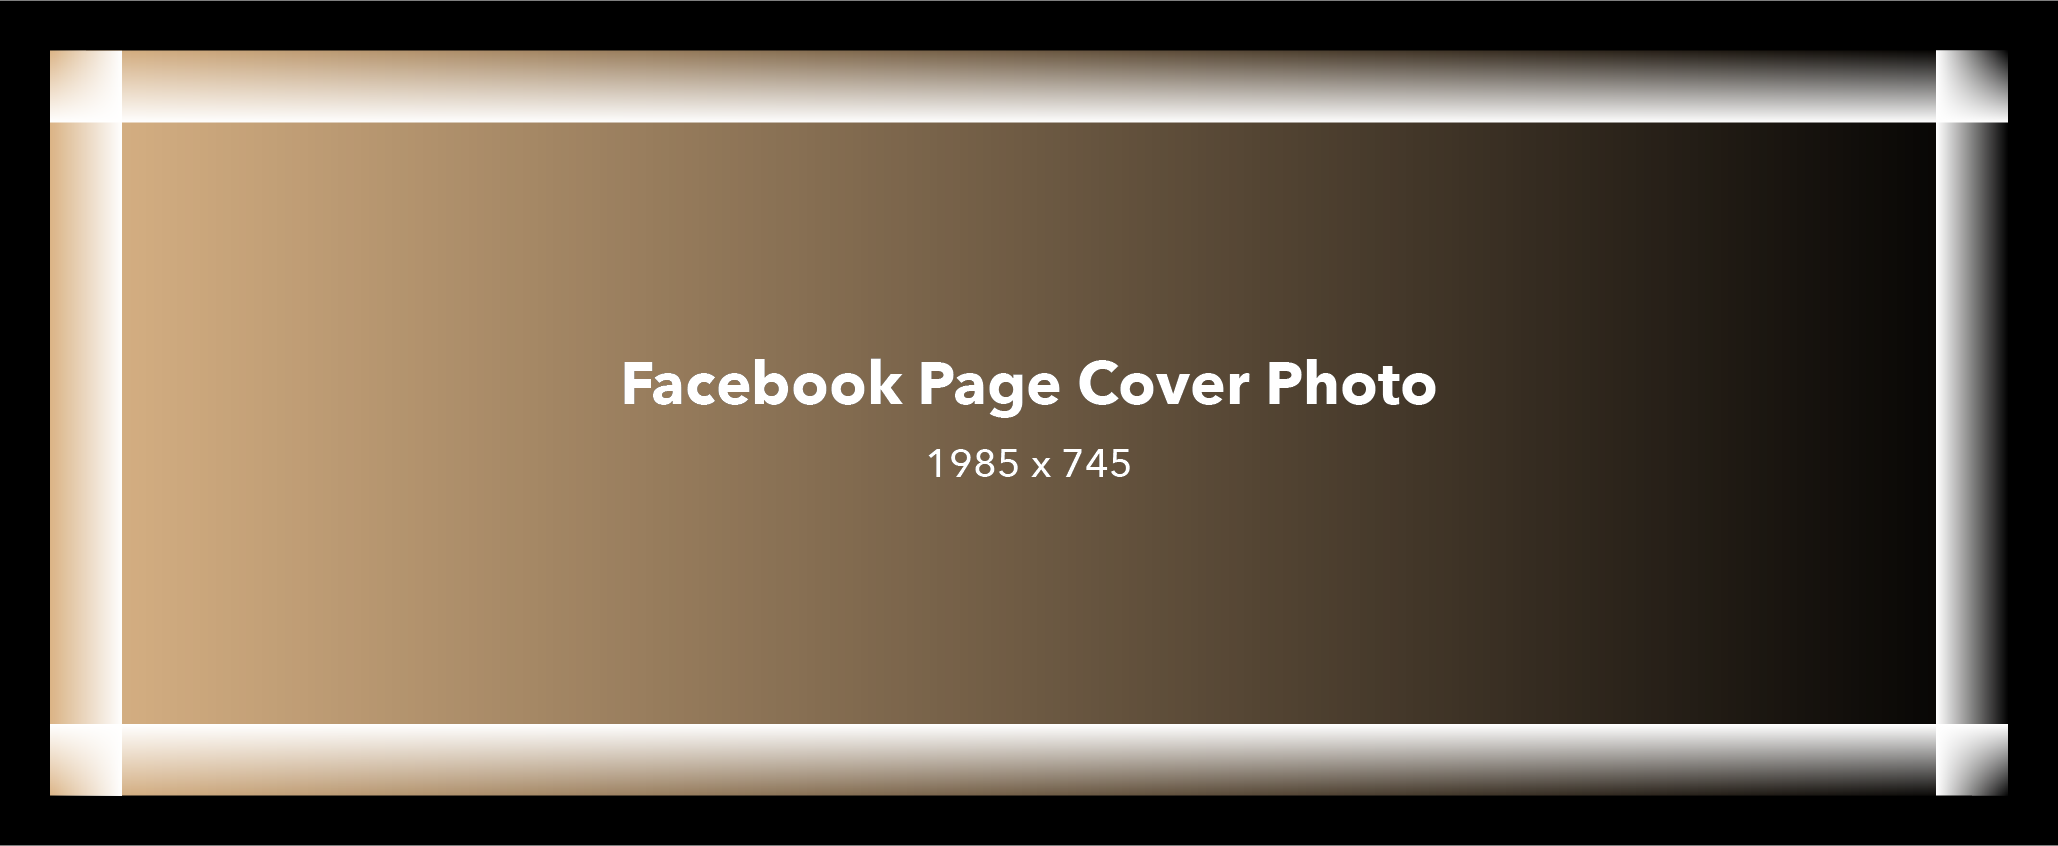 kích thước ảnh facebook cover photo